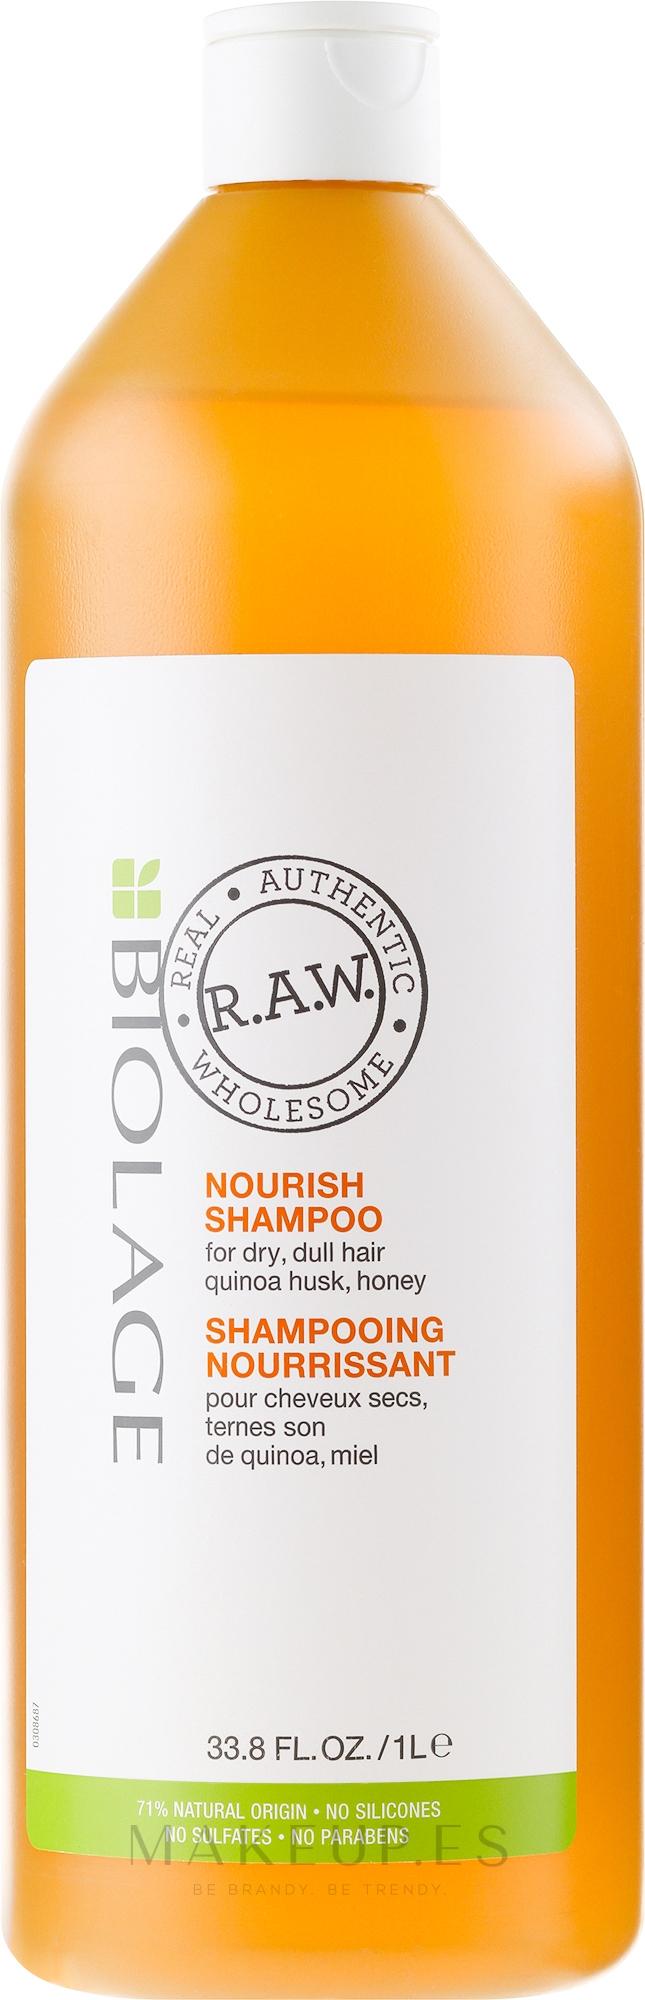 Champú reparador con quinoa y miel - Biolage R.A.W. Nourish — imagen 1000 ml